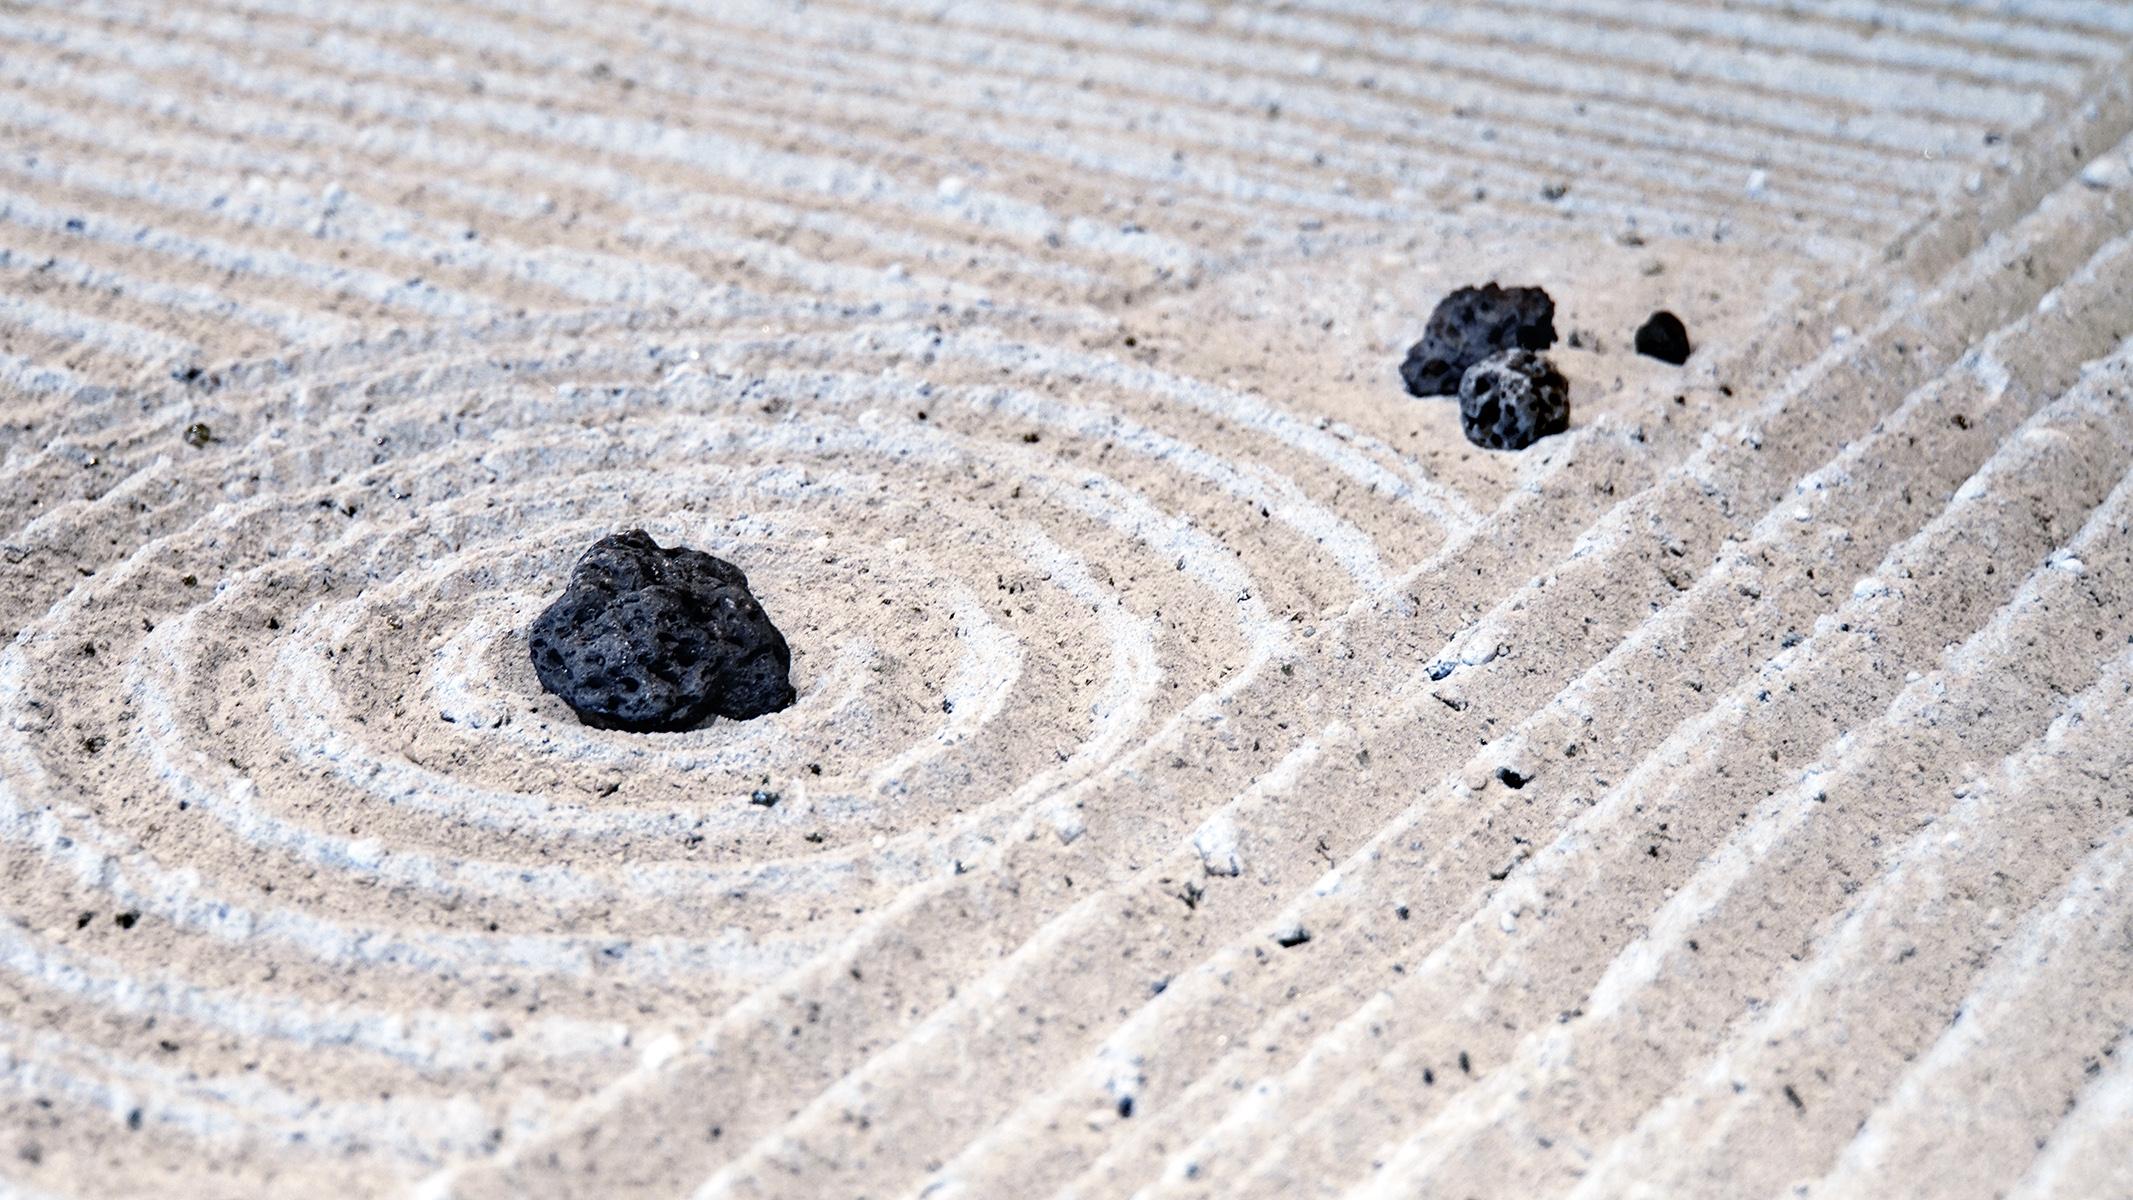 lunar_rock_garden_detail_1_l.jpg